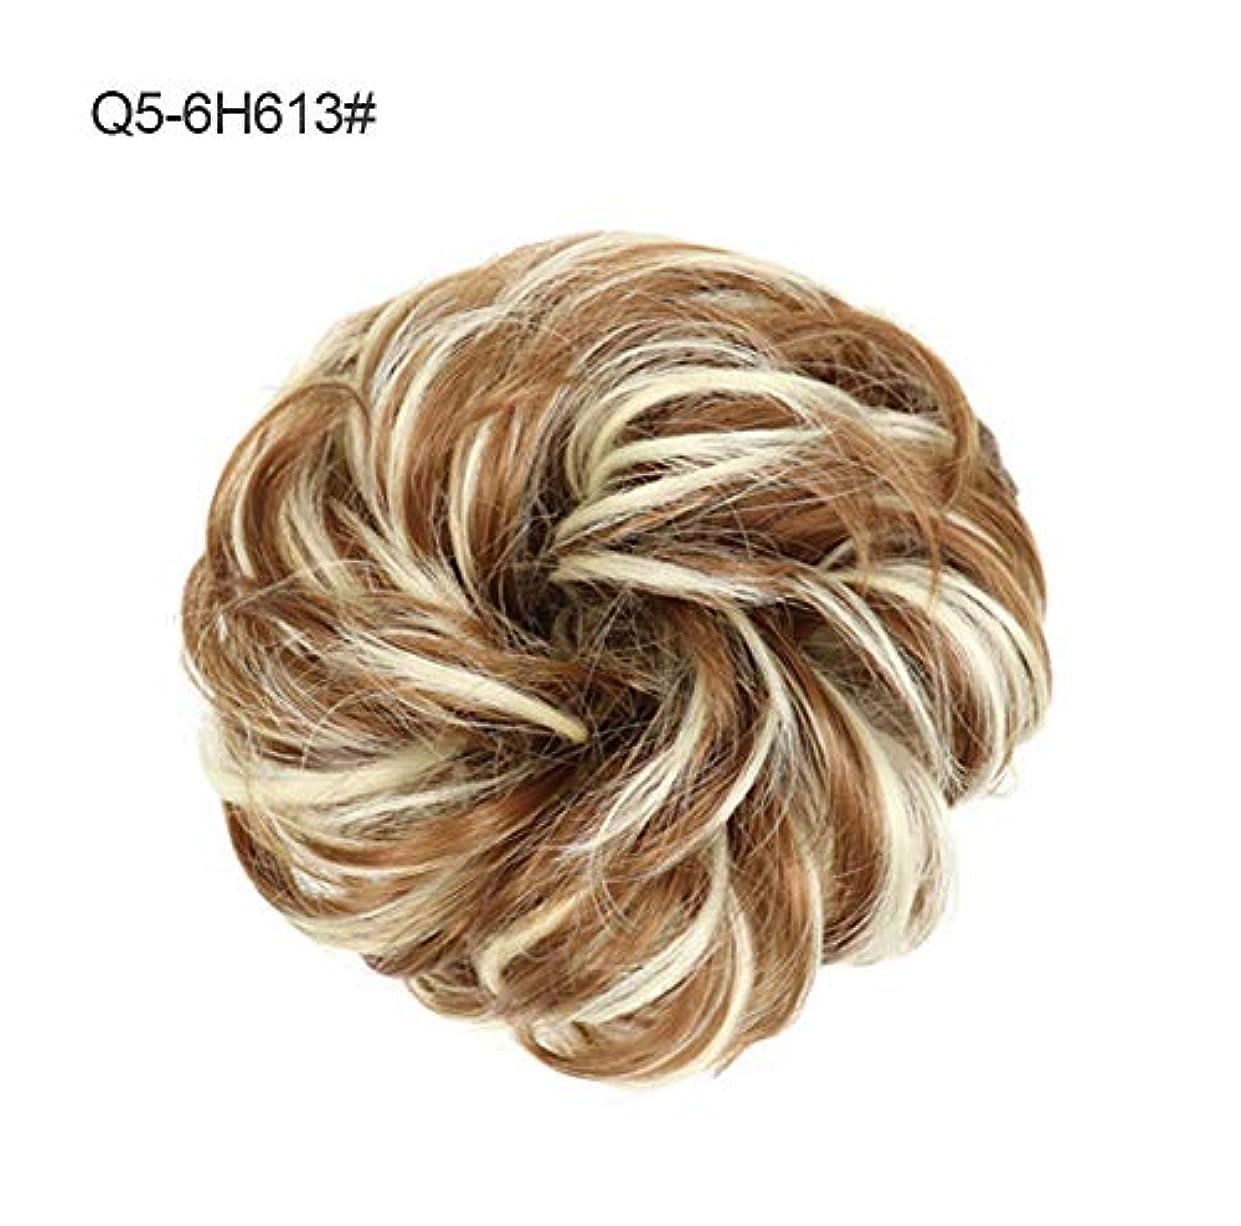 割れ目布カジュアル乱雑なポニーテールシニョンドーナツ拡張機能、女性のためのシュシュ髪お団子巻き毛波状リボンアクセサリー